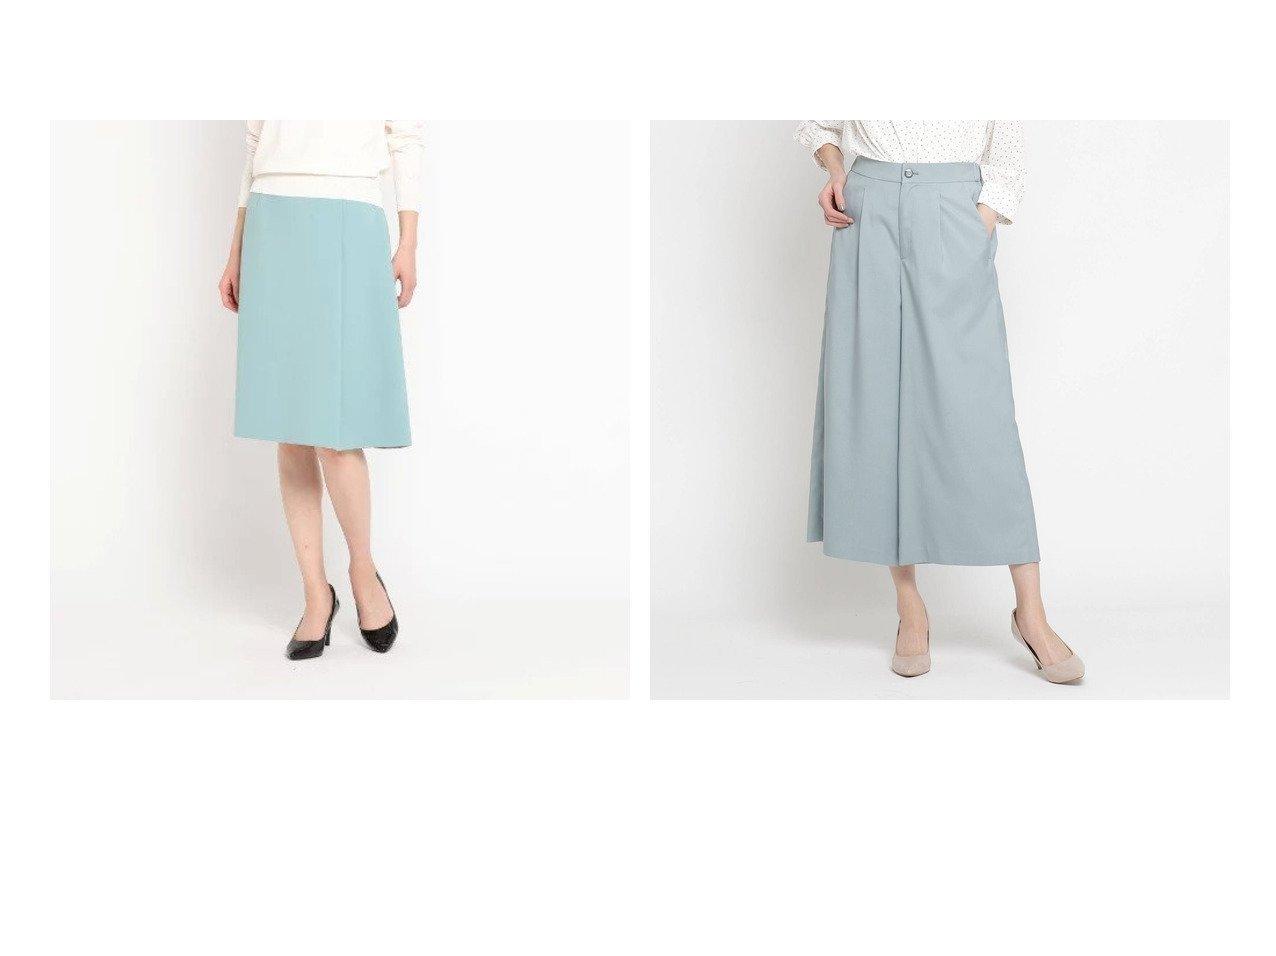 【SunaUna/スーナウーナ】のシーシャインストレッチクロップドパンツ&コンパクトダブルクロススカート SunaUnaのおすすめ!人気、トレンド・レディースファッションの通販 おすすめで人気の流行・トレンド、ファッションの通販商品 メンズファッション・キッズファッション・インテリア・家具・レディースファッション・服の通販 founy(ファニー) https://founy.com/ ファッション Fashion レディースファッション WOMEN スカート Skirt パンツ Pants ポケット ラップ 春 Spring |ID:crp329100000020102